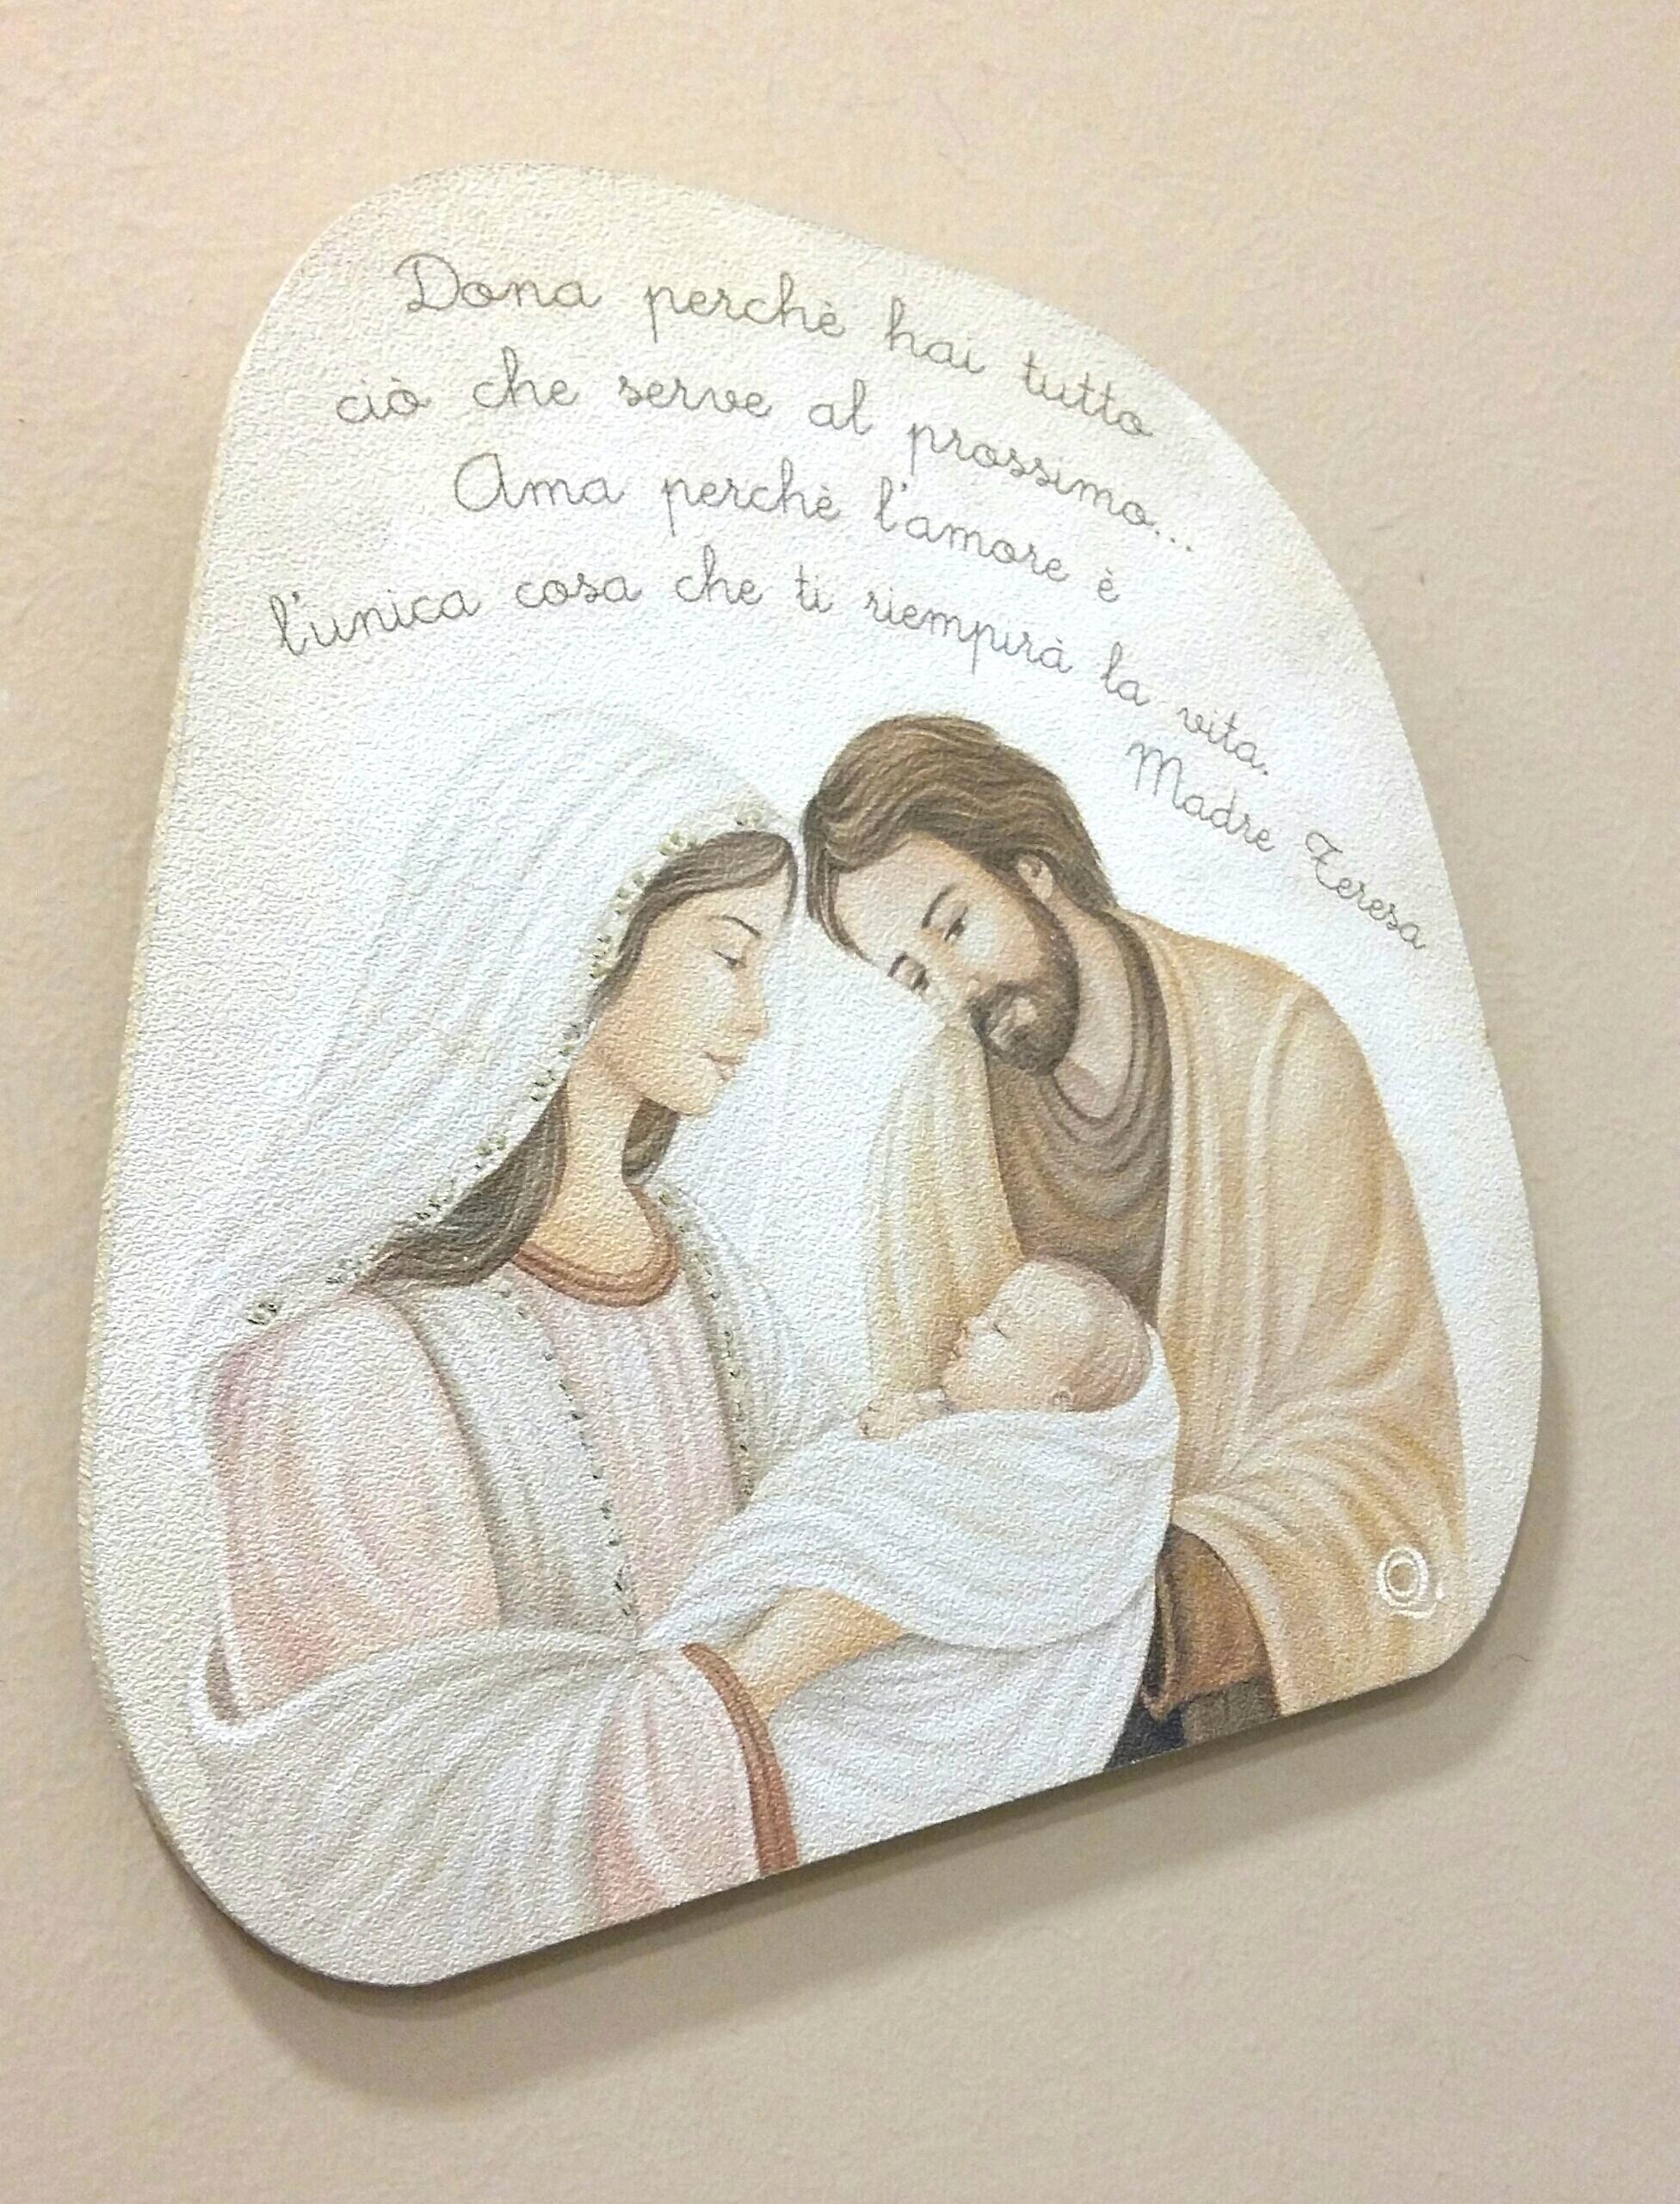 Frasi Matrimonio Famiglia.Quadro In Legno Sagomato Raffigurante La Sacra Famiglia Con Frase